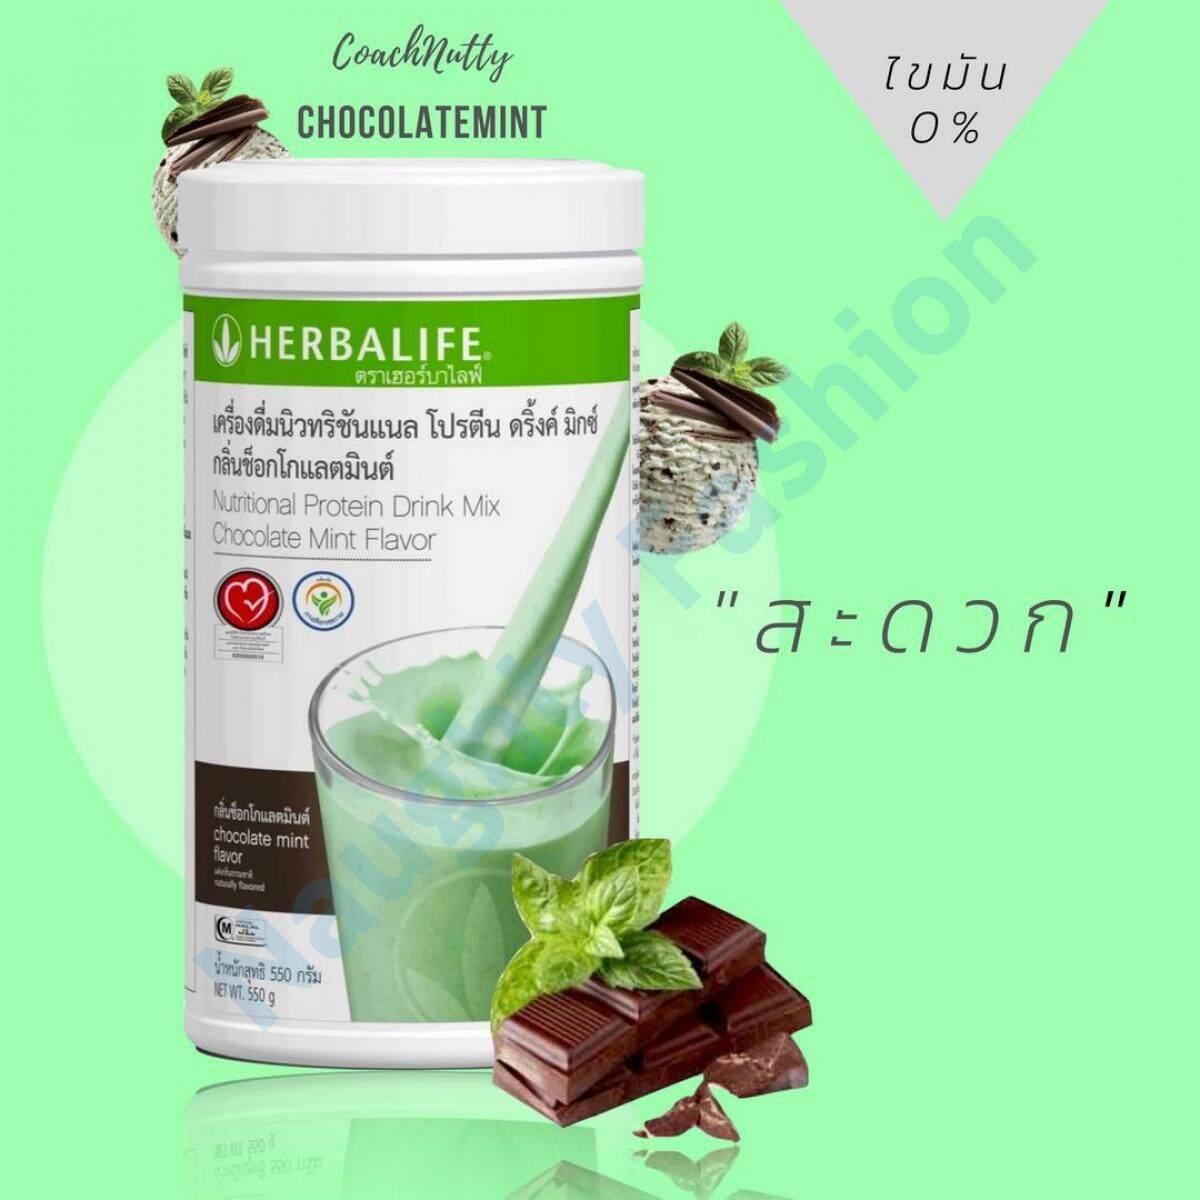 Herbalife ✅ เฮอร์บาไลฟ์ โปรตีนเชค เครื่องดื่มนิวทริชั่นแนล โปรตีน ดริ้งค์ ช็อคโกแลตมินต์ Mint สีเขียว ของแท้ พร้อมส่ง ราคาถูกมากกก By Naughty Fashion.